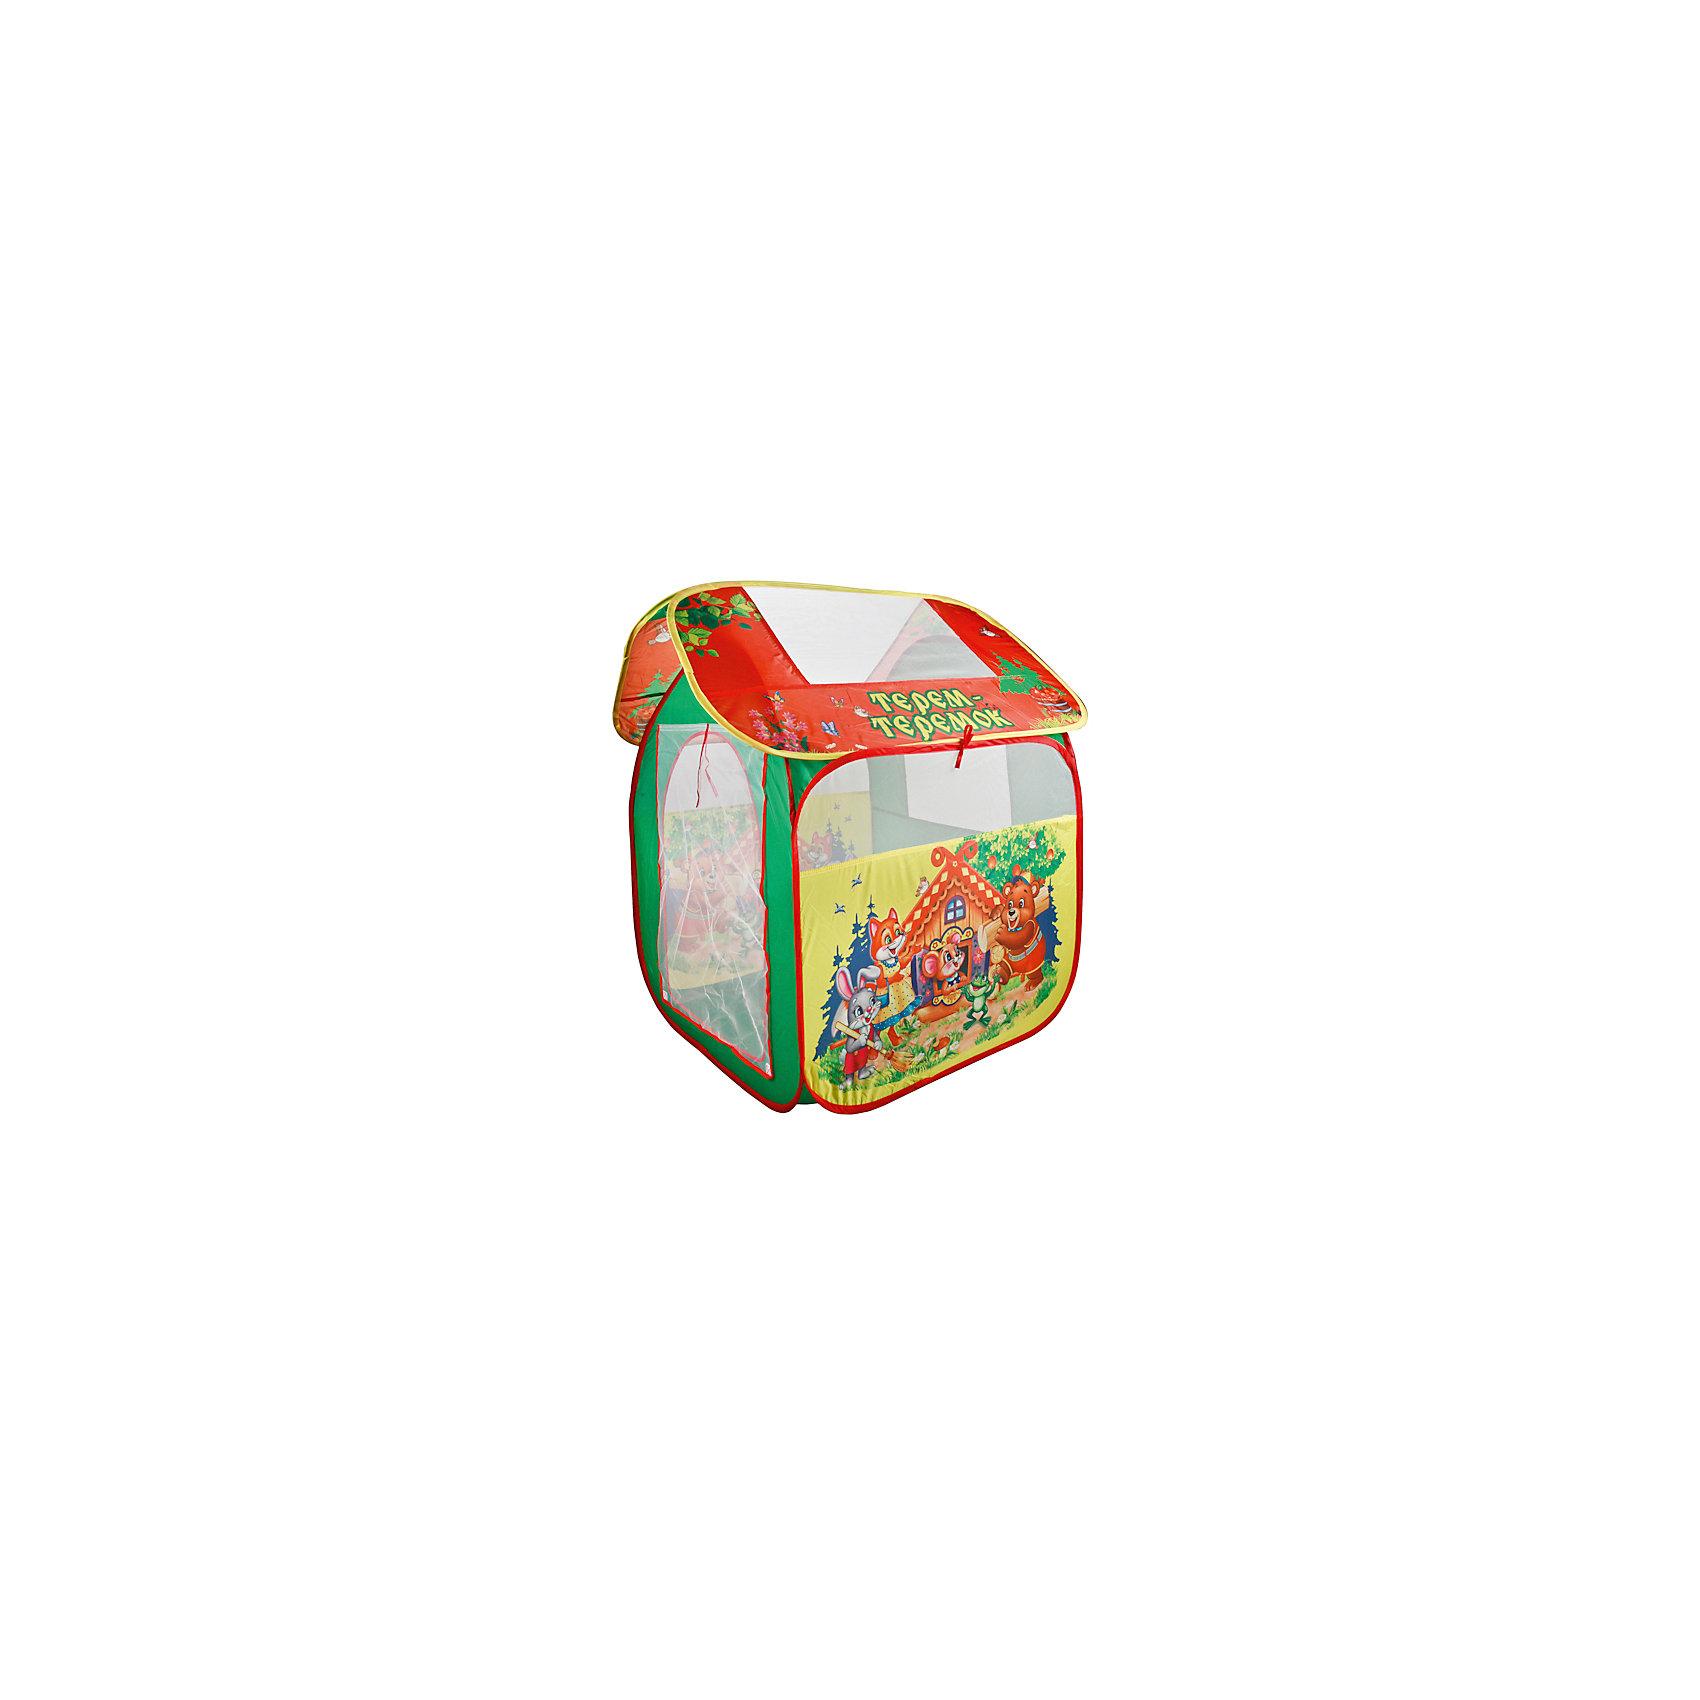 Палатка Теремок (большая), в сумке, Играем вместеИгрушки<br>Палатка Теремок, Играем вместе, станет чудесным подарком для Вашего ребенка. Красочная палатка ярко-зеленого цвета выполнена по мотивам русской народной сказки Теремок и украшена изображениями симпатичных зверюшек. Палатка оснащена дверью на липучке, окошками из сетчатого материала и большим окном для вентиляции на крыше палатки. Благодаря самораскладывающемуся каркасу-спирали палатка легко собирается и складывается. Этот замечательный игровой домик поможет Вашему ребенку создать свой уютный уголок для игр как в помещении, так и на улице. Палатка компактно складывается в небольшую сумочку, поэтому ее удобно брать с собой на прогулку или в поездку. Выполнена из прочного, водонепроницаемого, моющегося материала. Яркая палатка будет чудесным местом для самостоятельной игры ребёнка и отлично подойдёт для сюжетно-ролевых игр. <br><br>Дополнительная информация:<br><br>- Материал: текстиль. <br>- Размер палатки: 83 х 80 х 105 см.<br>- Размер упаковки: 40 x 40 x 3 см.<br>- Вес с упаковкой: 0,71 кг. <br><br>Палатку Теремок (большая), в сумке, Играем вместе, можно купить в нашем интернет-магазине.<br><br>Ширина мм: 400<br>Глубина мм: 400<br>Высота мм: 30<br>Вес г: 710<br>Возраст от месяцев: 36<br>Возраст до месяцев: 120<br>Пол: Унисекс<br>Возраст: Детский<br>SKU: 5528153